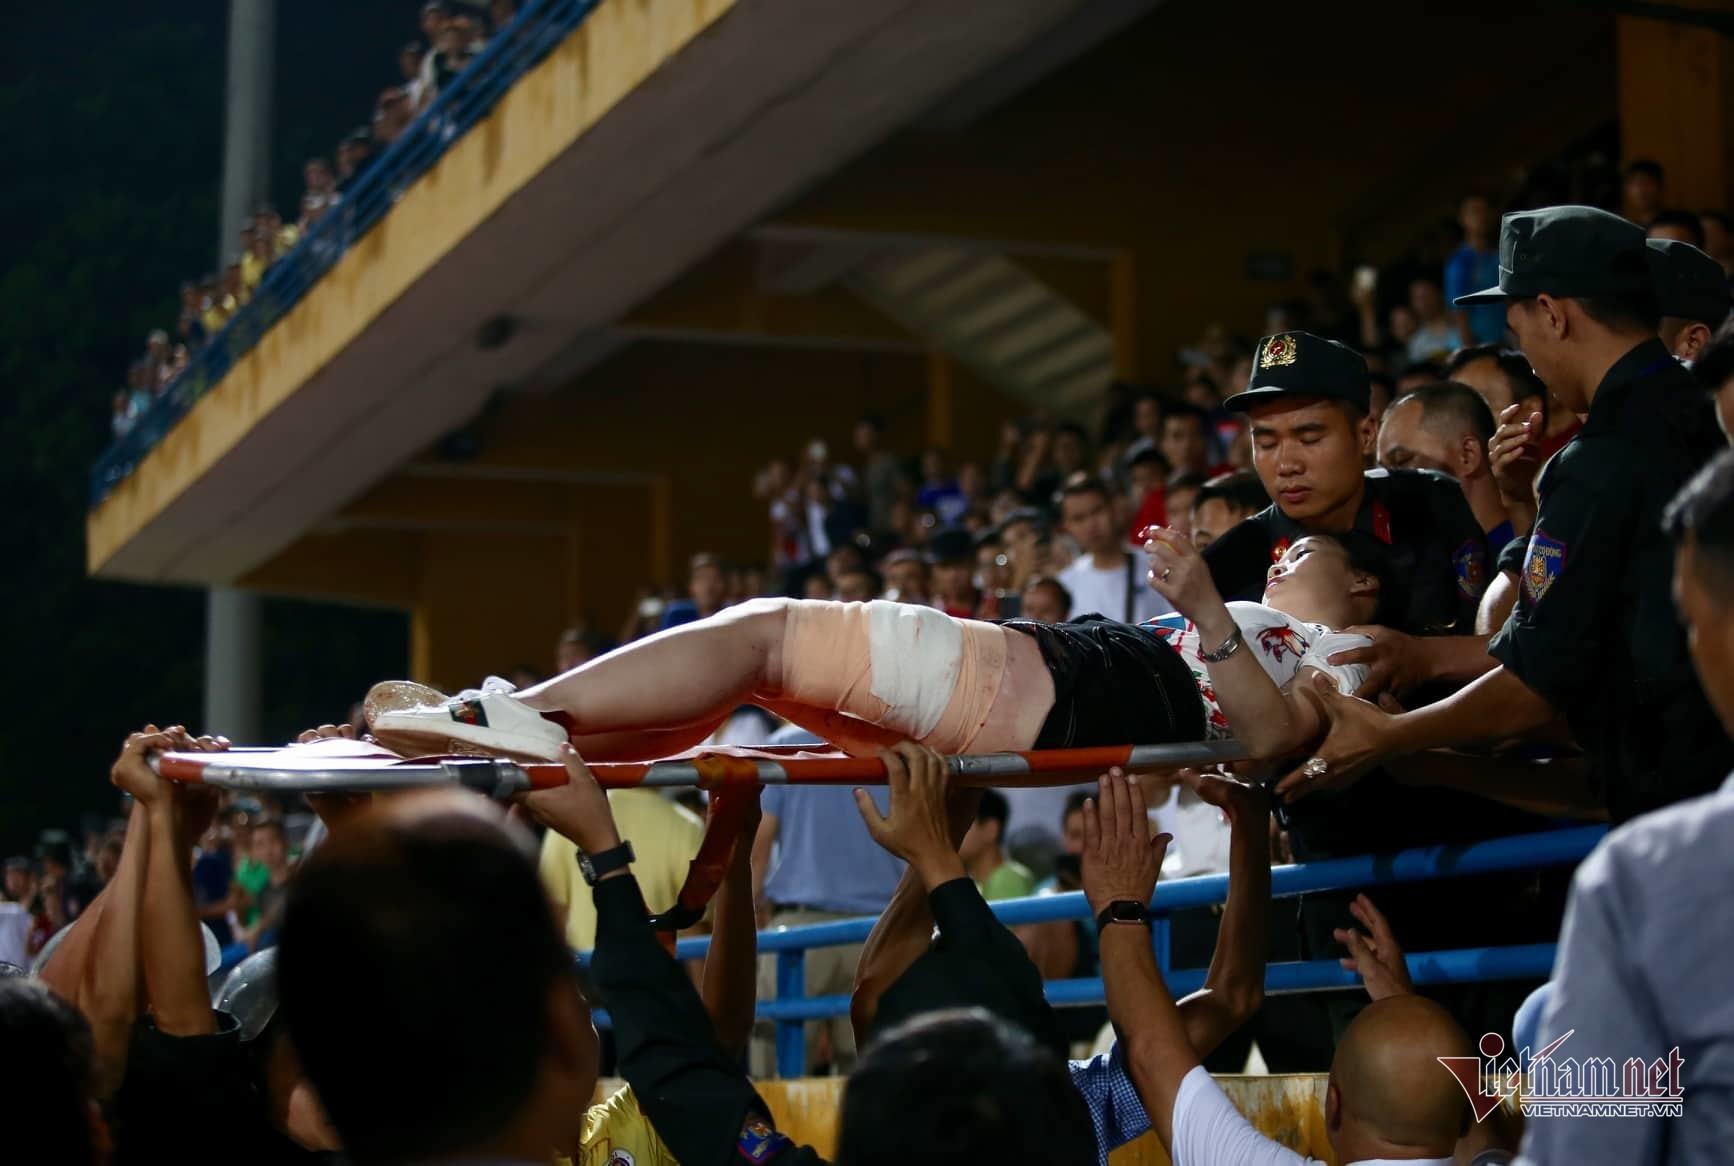 Xử lý thế nào vụ cổ động viên nữ bị bỏng tận xương, phải đi cấp cứu do trúng pháo sáng trên sân Hàng Đẫy? - Ảnh 1